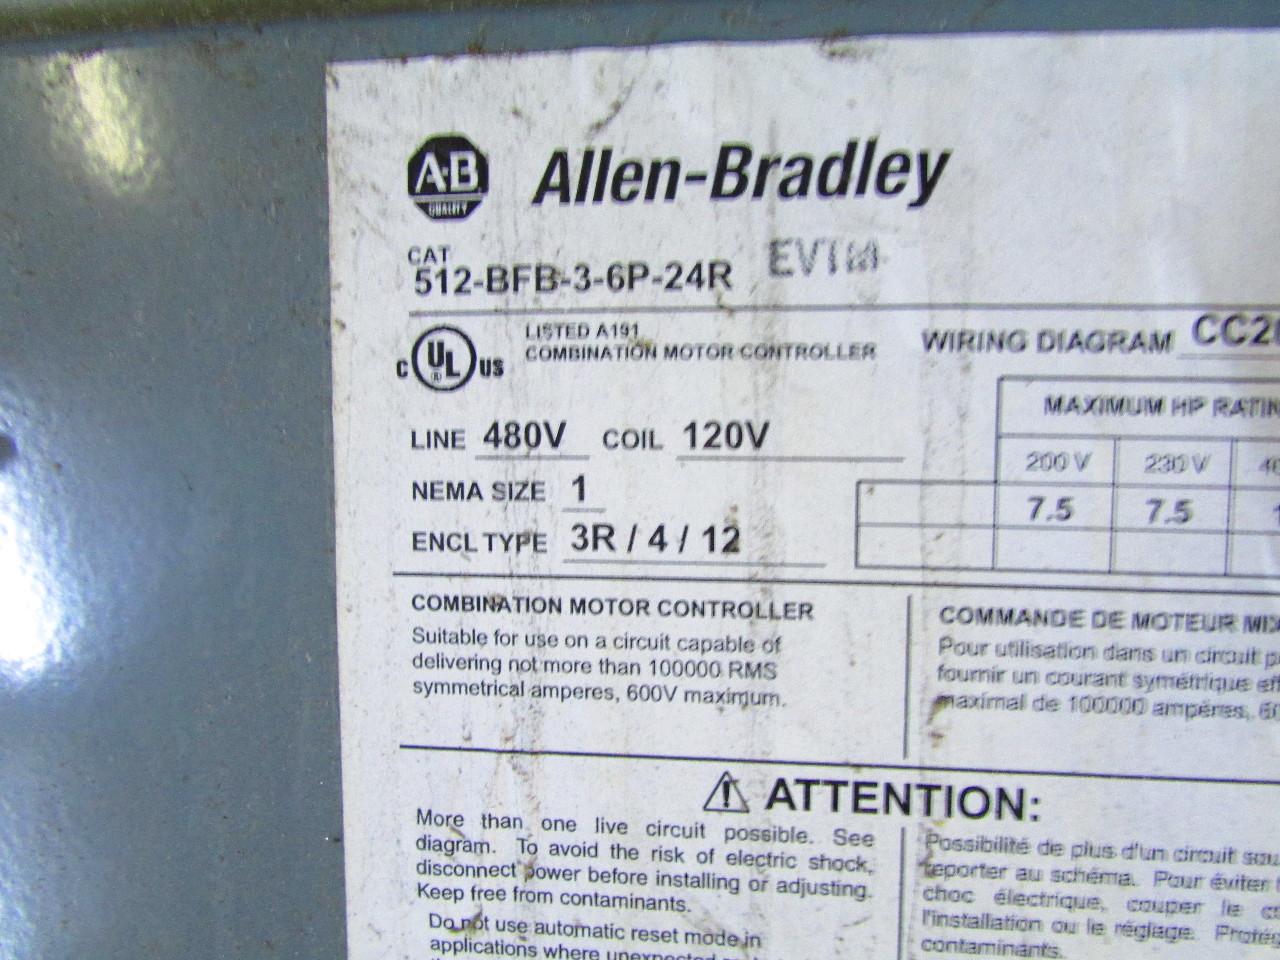 Combination Motor Starter Wiring Diagram 40 Images 480480 Volt Sd07950 Allen Bradley 512 Bfb 3 6p 24r Nema Disconnect Type 1 480